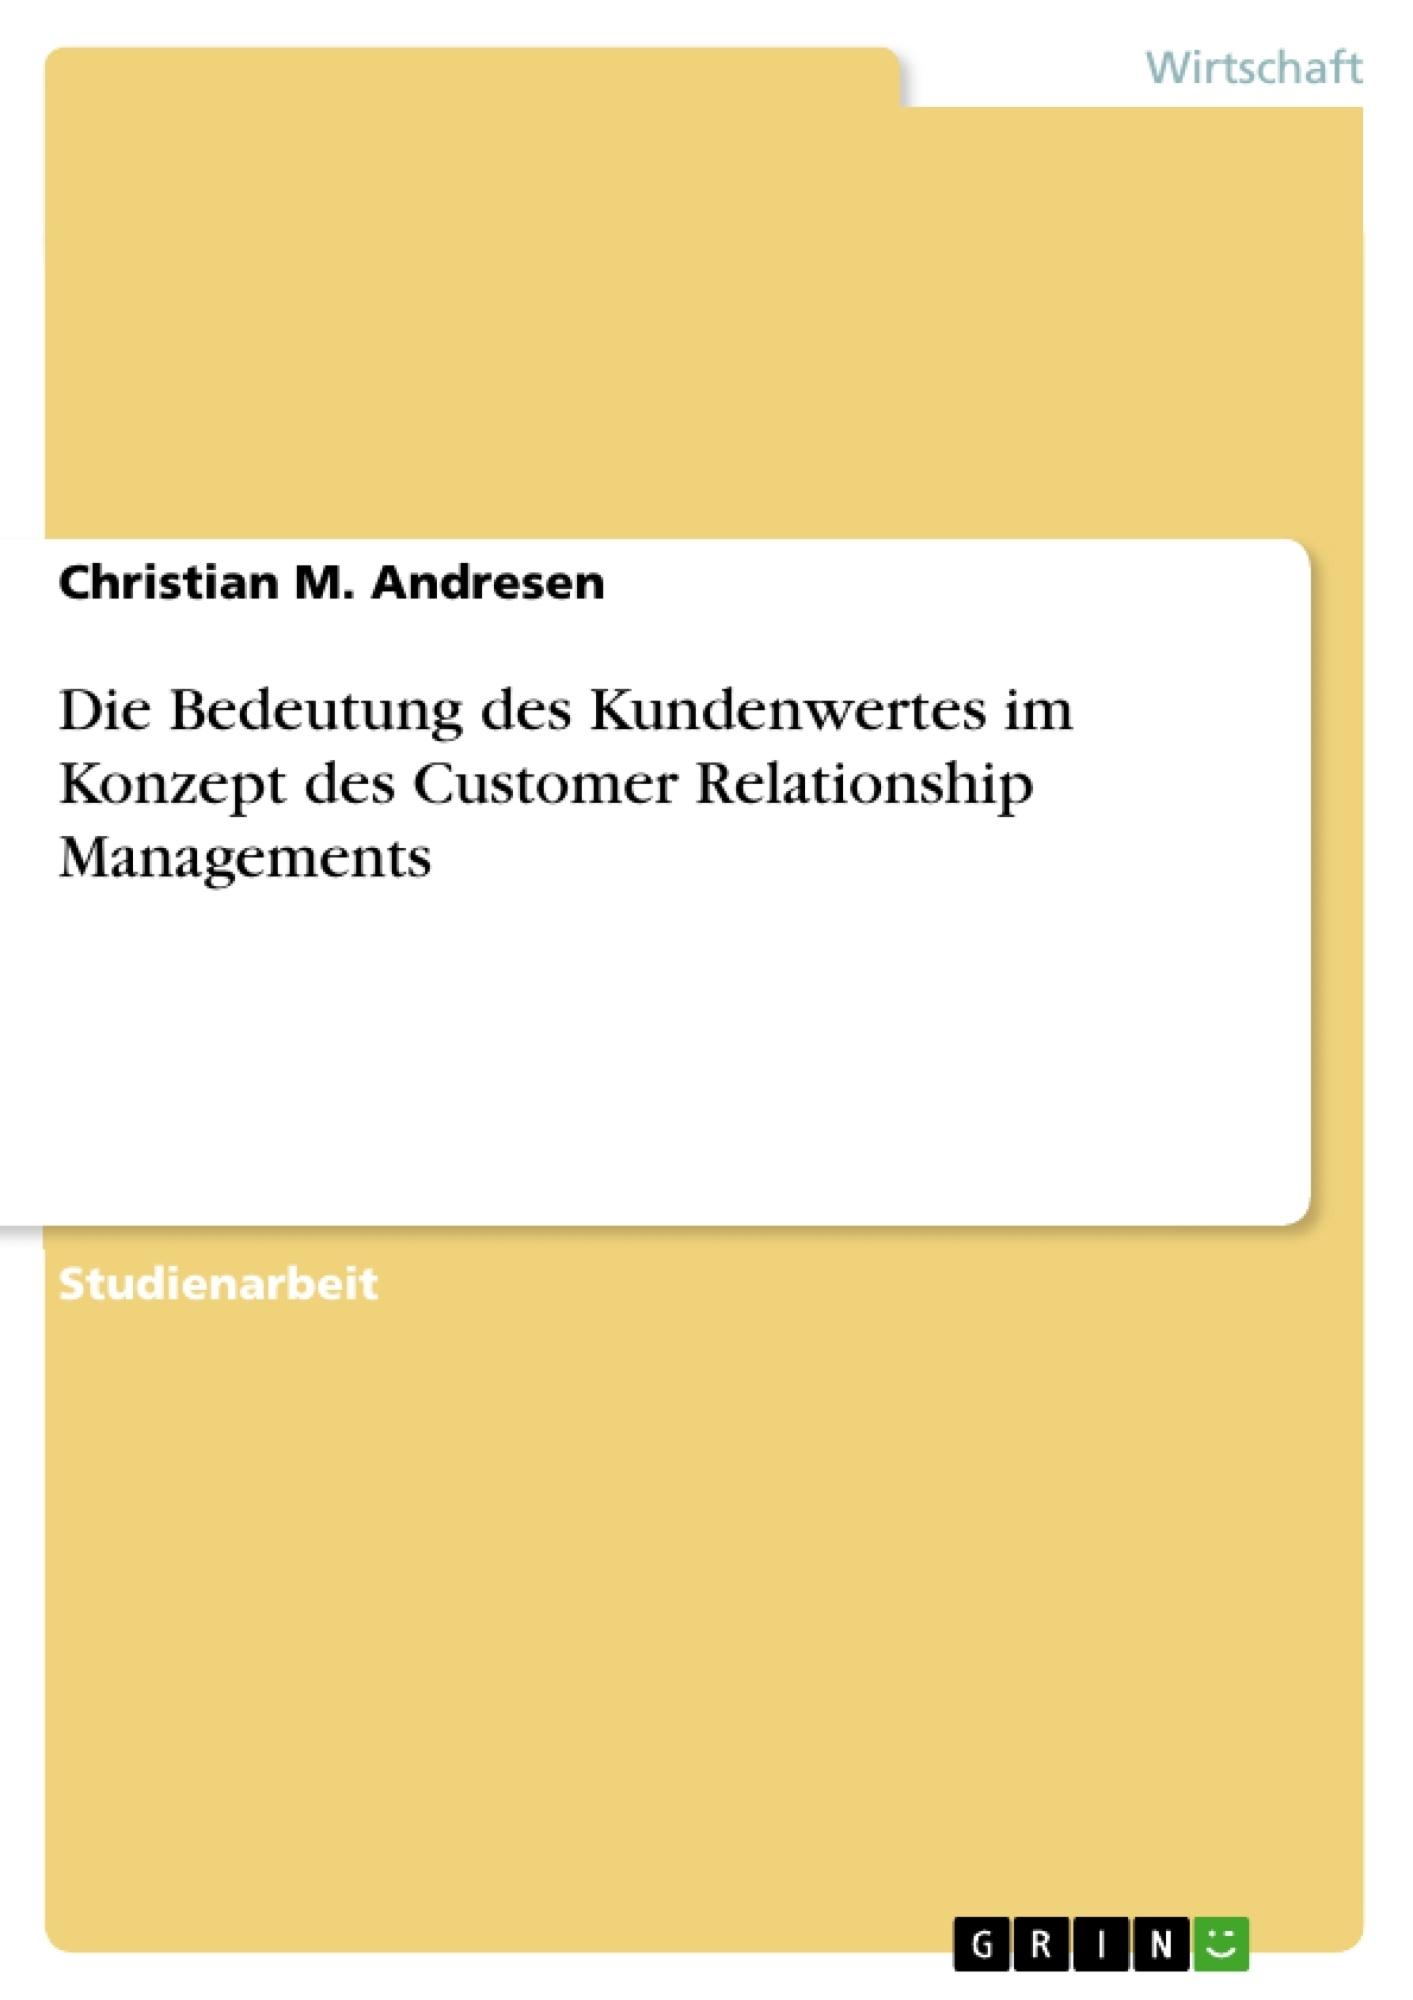 Titel: Die Bedeutung des Kundenwertes im Konzept des Customer Relationship Managements